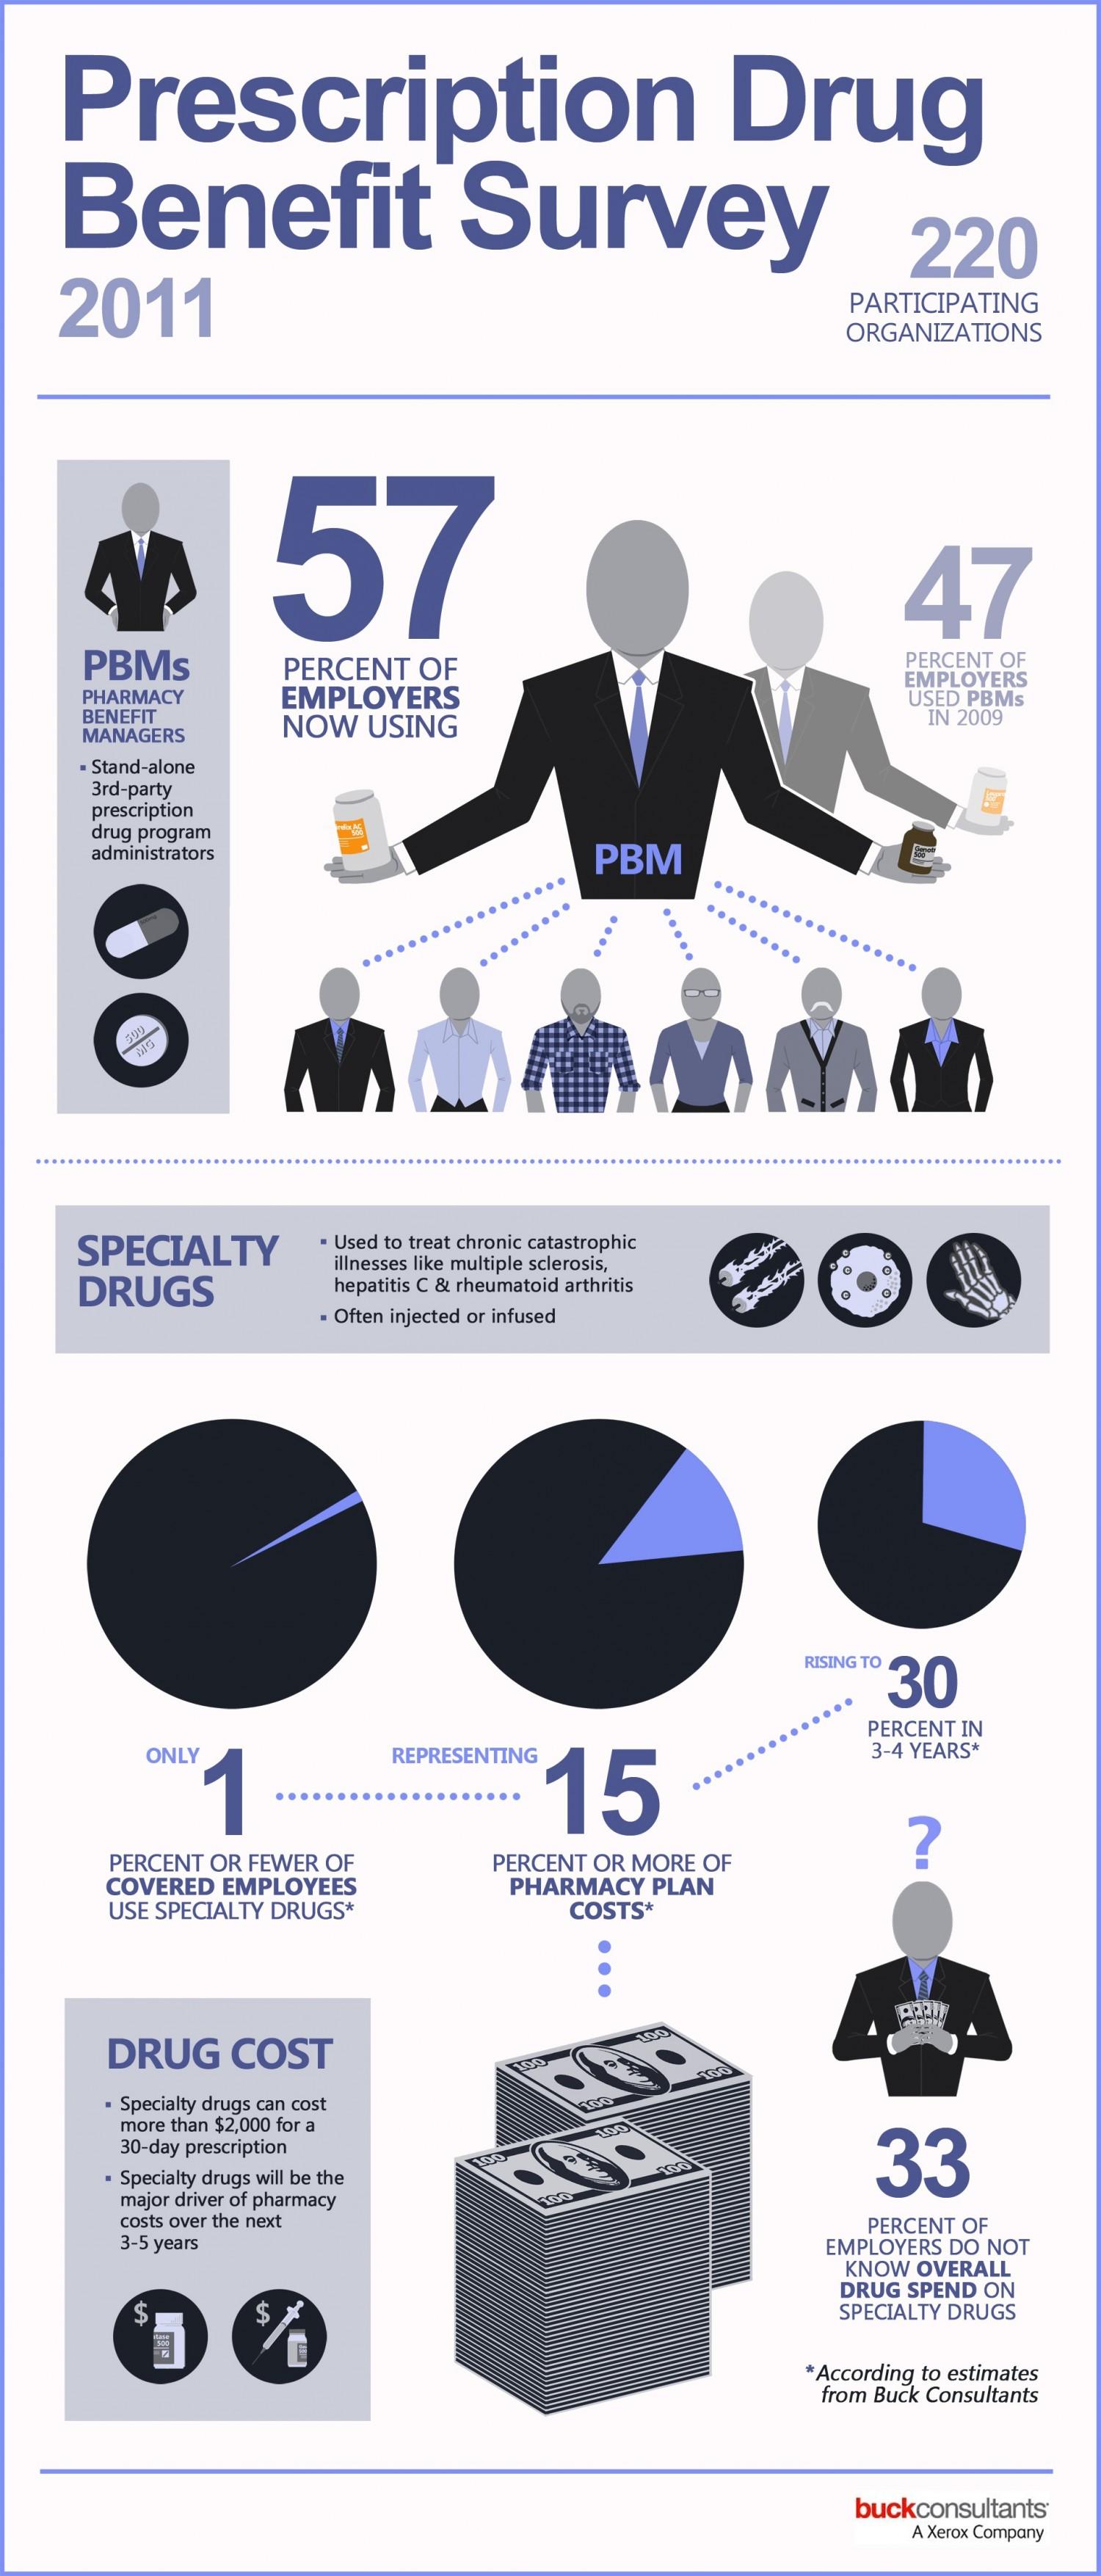 7. Prescription Drug Benefit Survey